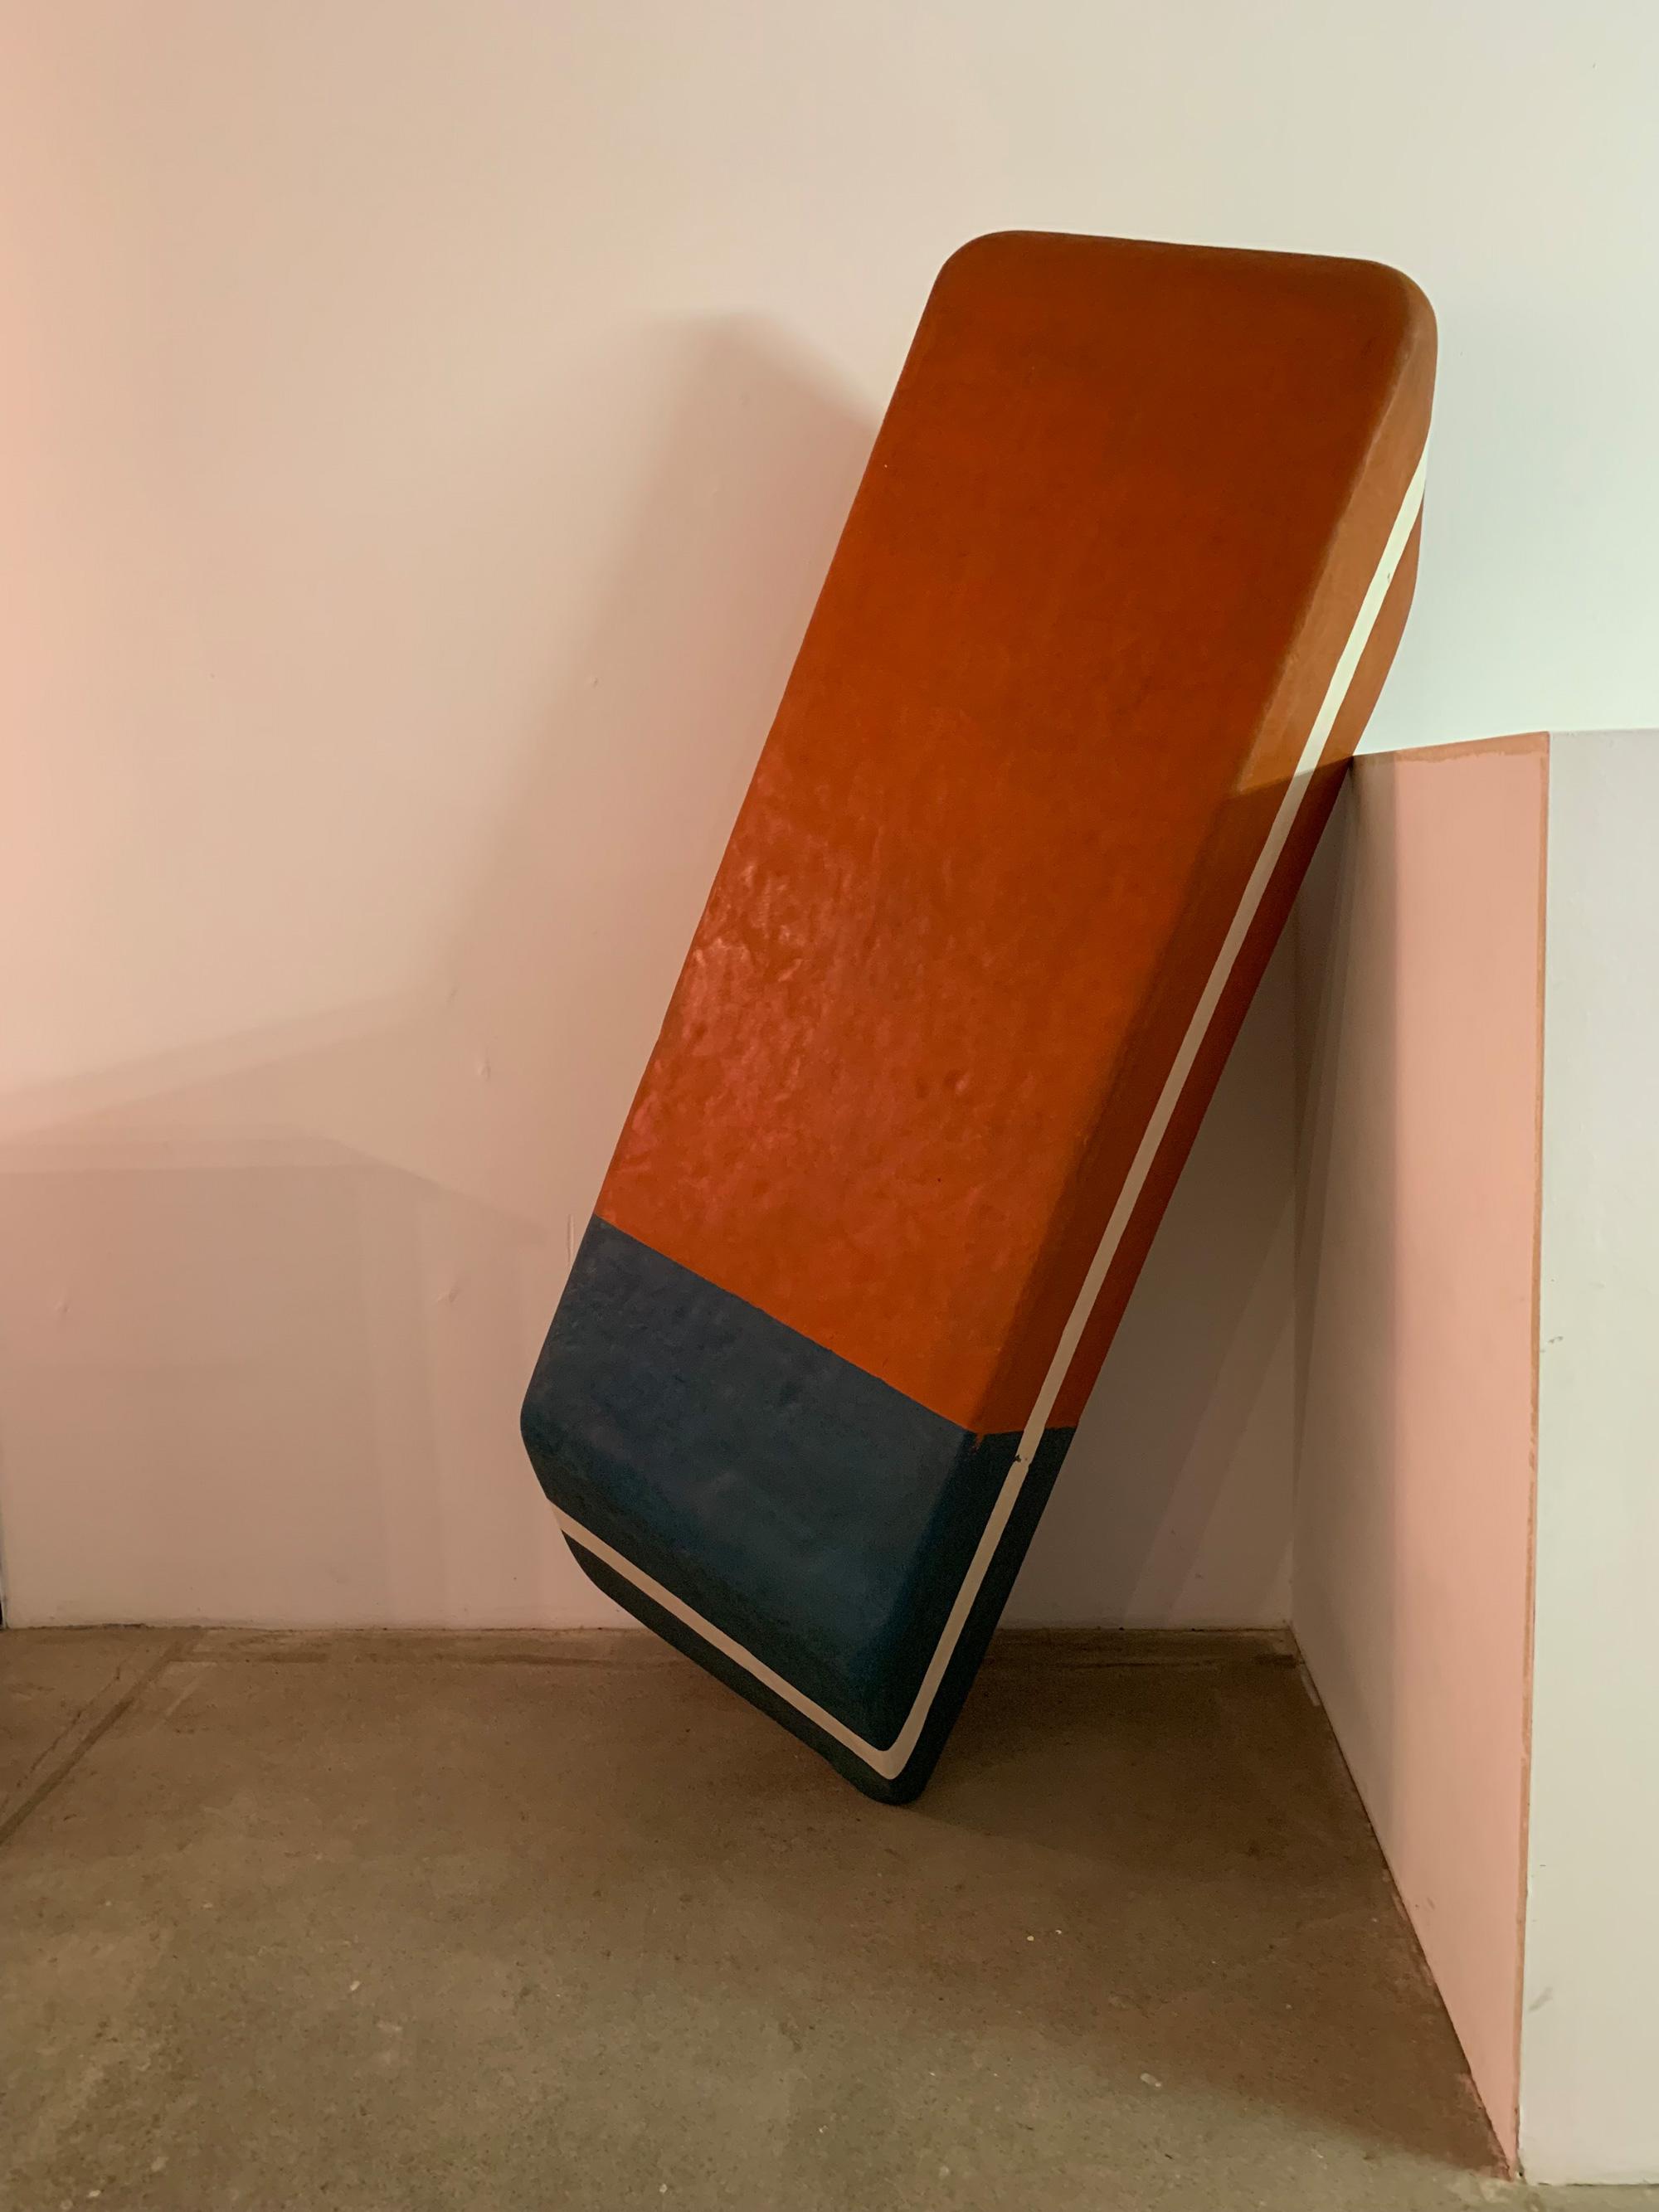 Bild eines überdimensionalen Radiergummis, ein Kunstwerk von Volker März